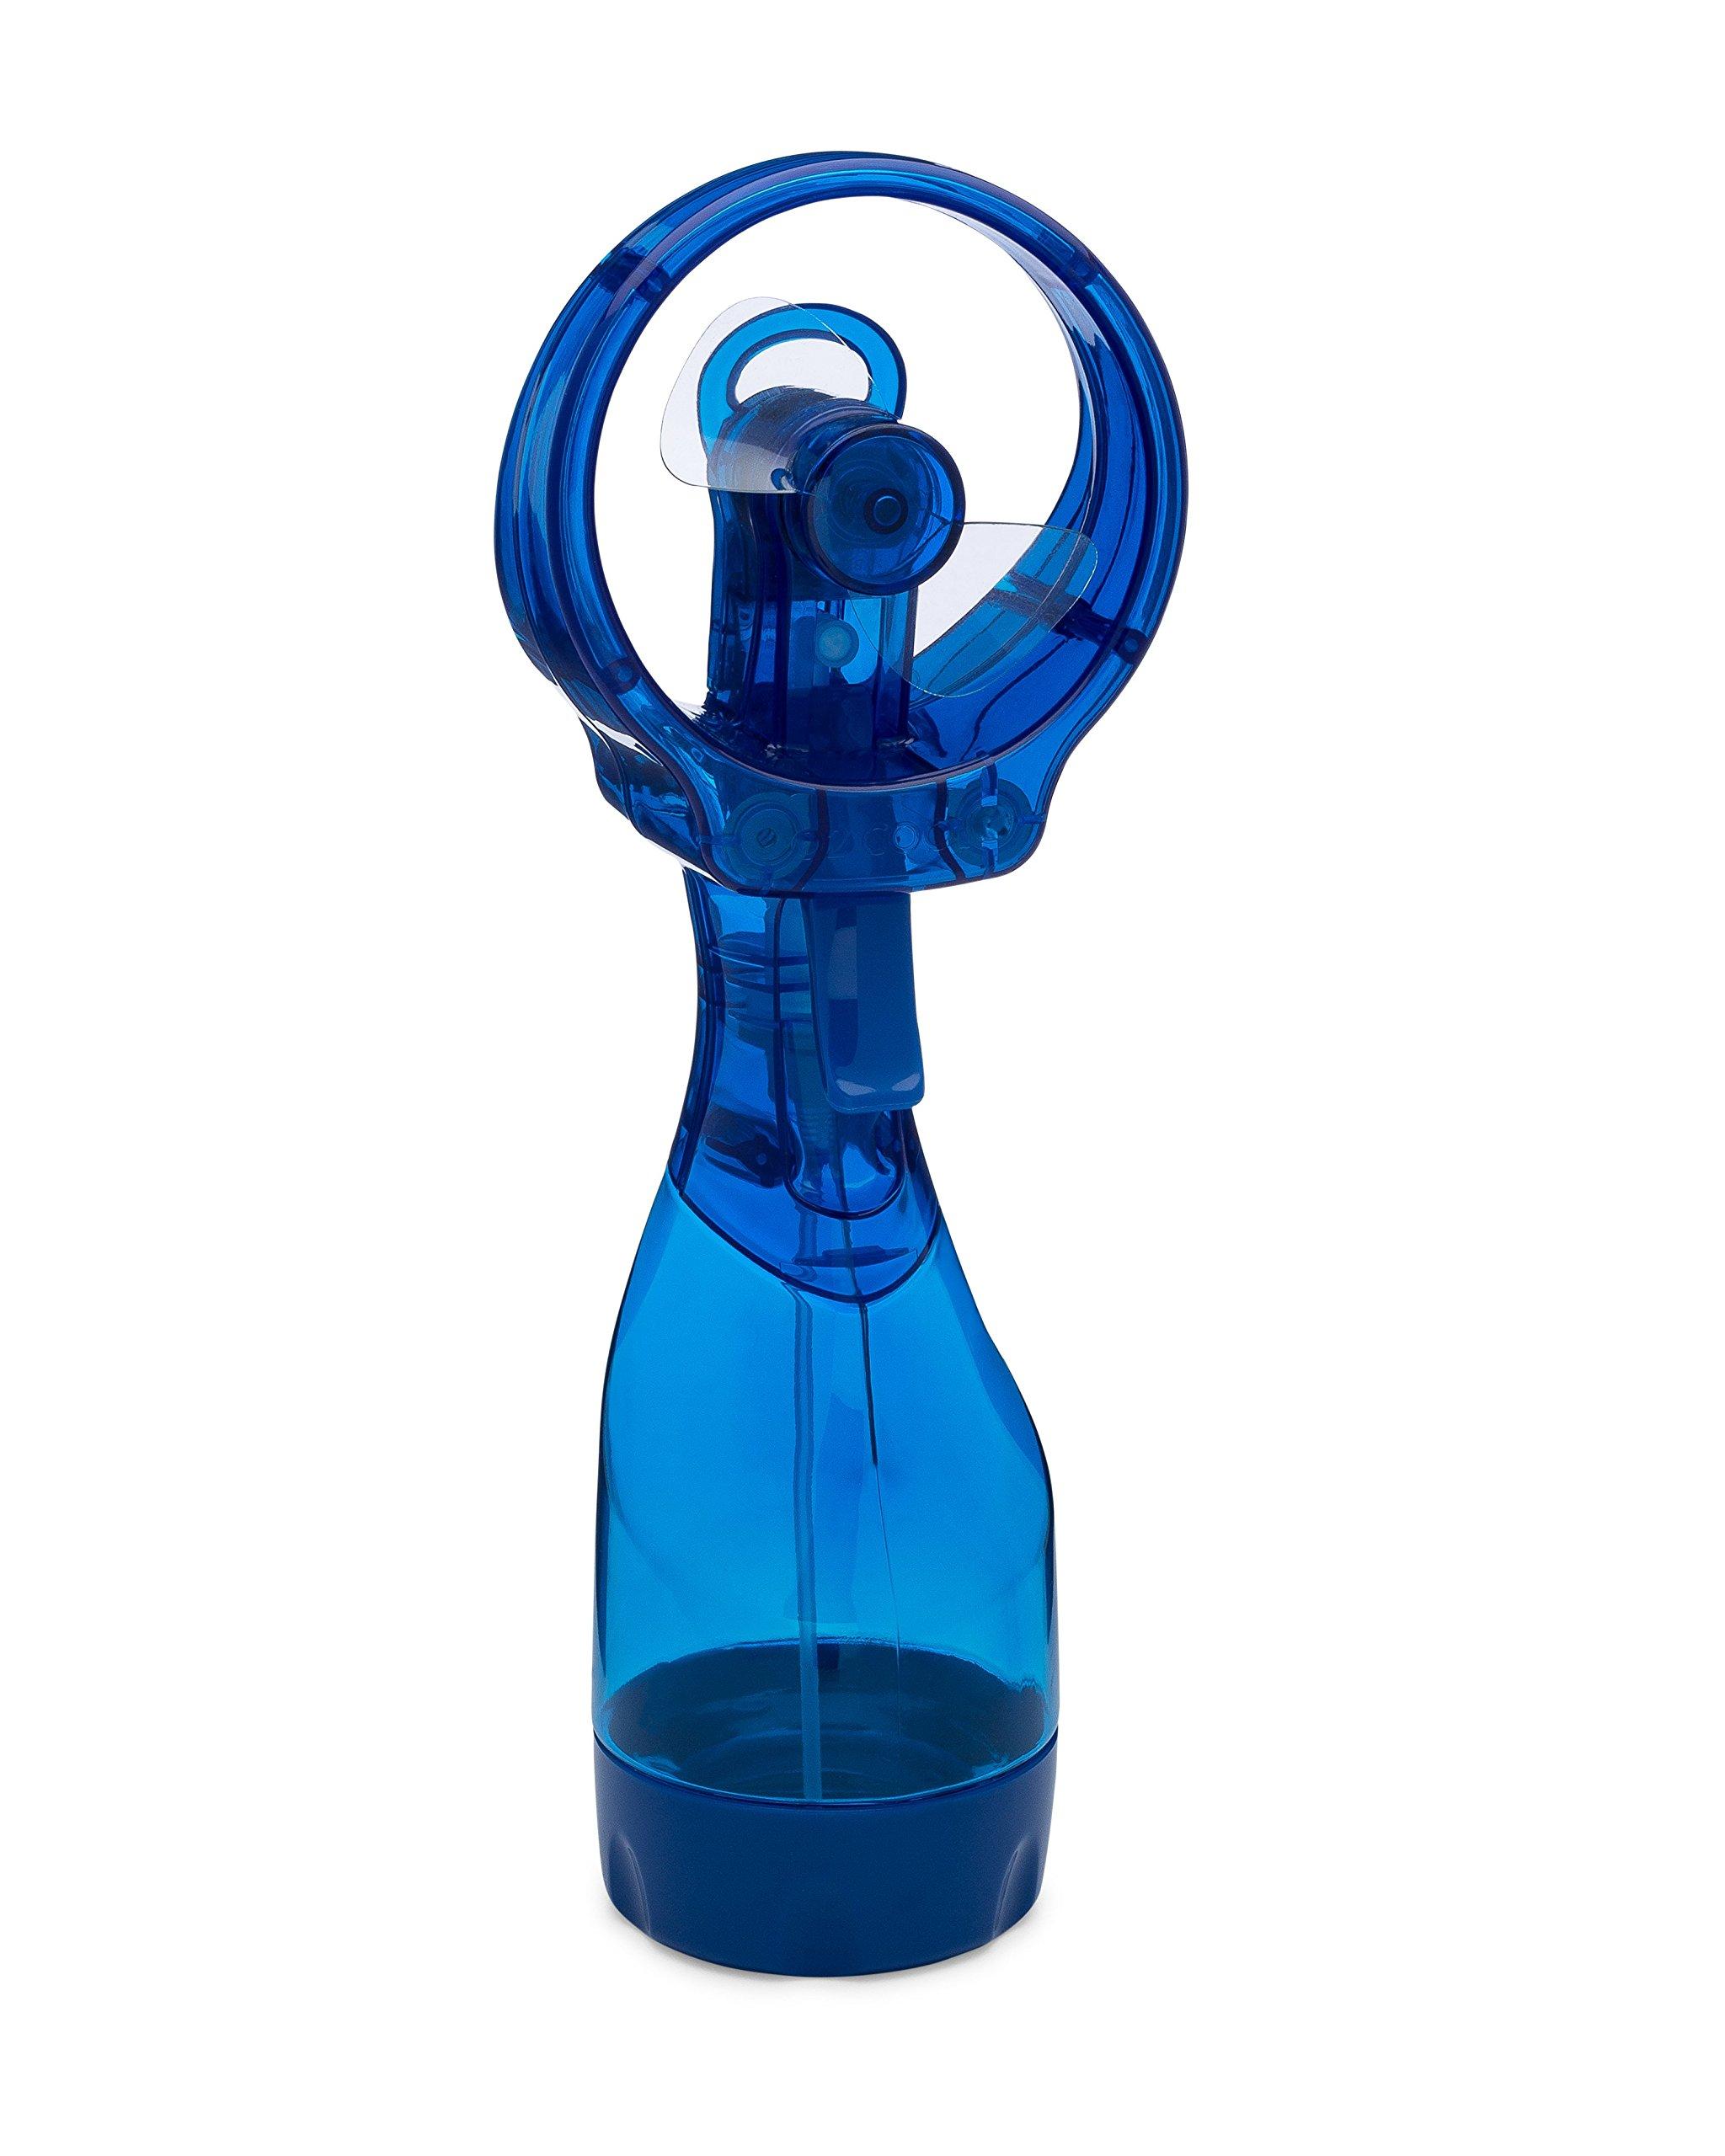 O2COOL Deluxe Misting Fan, Handheld Misting Fan, Battery Operated Fan, Water Spray Fan, Mini Portable Desk Fan, Personal Cooling Fan for Outdoor, Fine Mist Sprayer, Light Blue